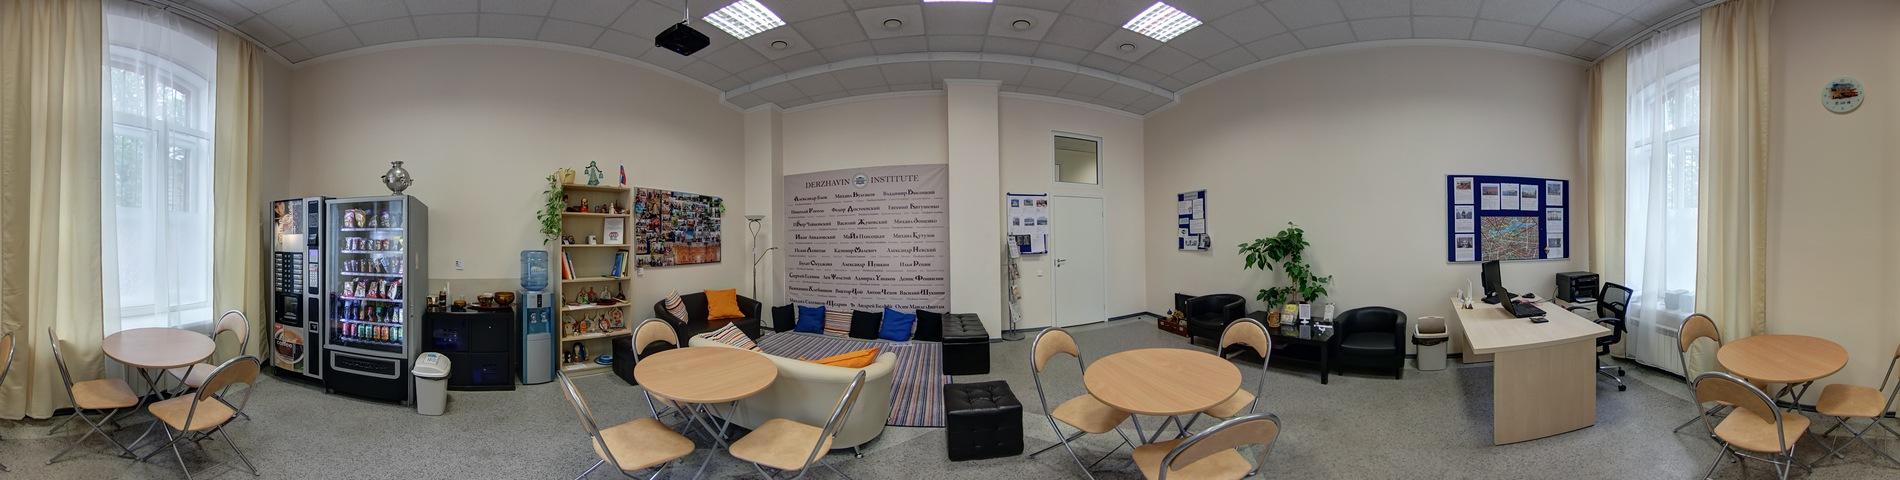 Derzhavin Institute photo 1